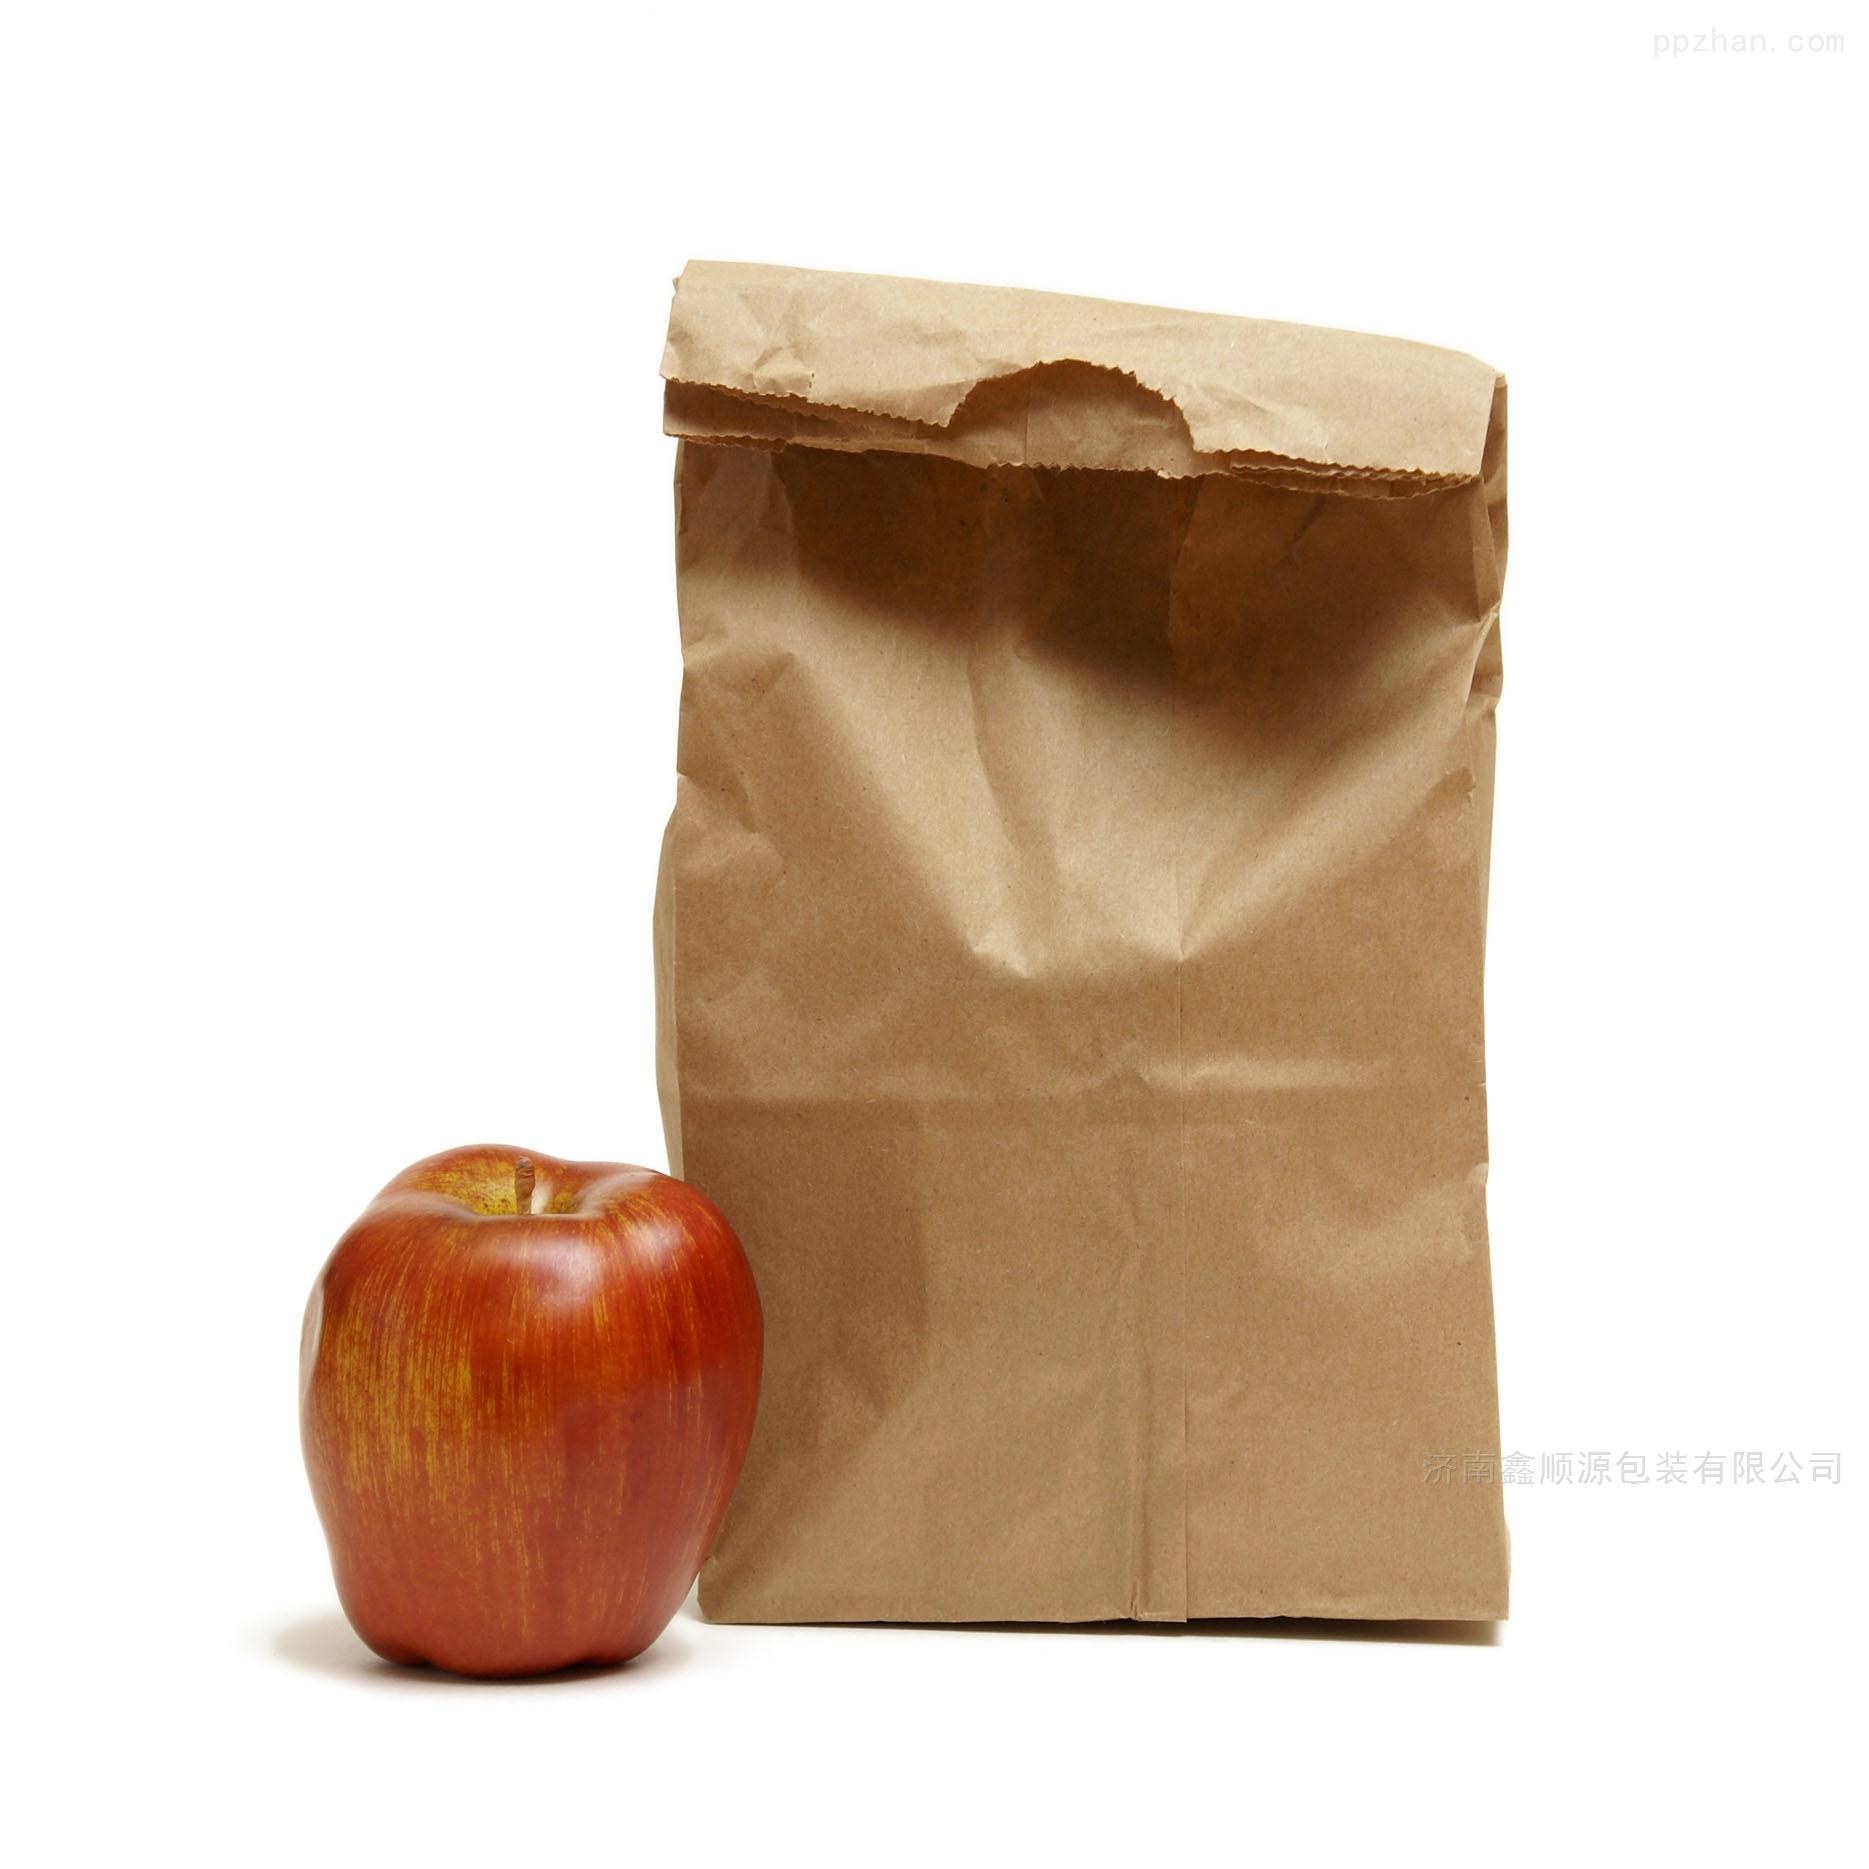 手提袋方底纸袋,郑州手捧纸袋,厂家定制